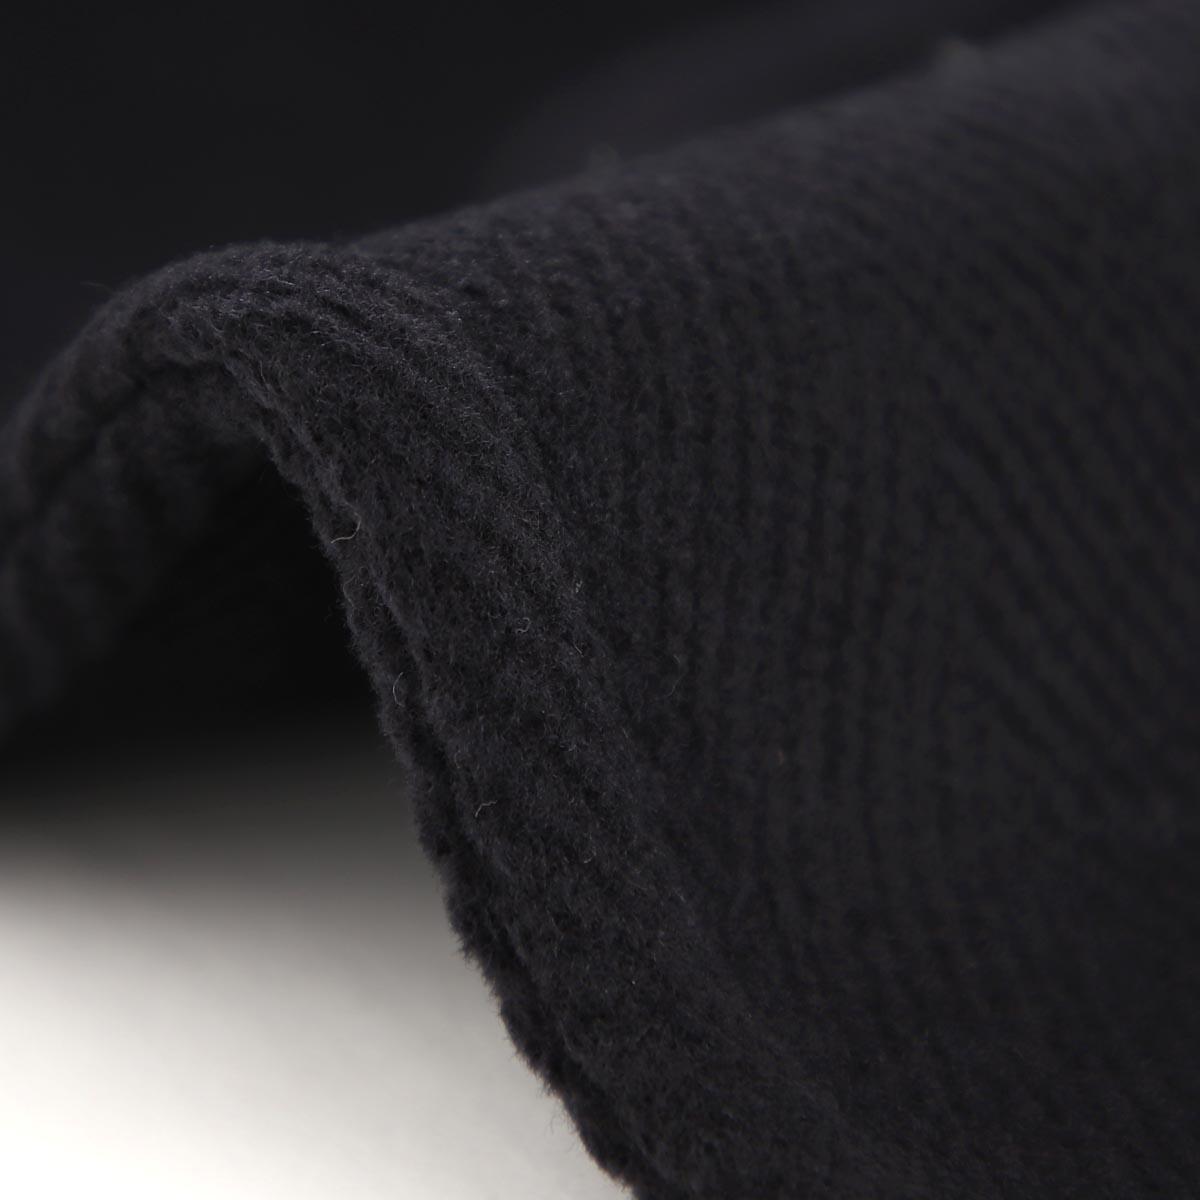 【タイムセール TOPS】【アウトレット】MACKINTOSH マッキントッシュ ステンカラーコート/BLACKFORD メンズ